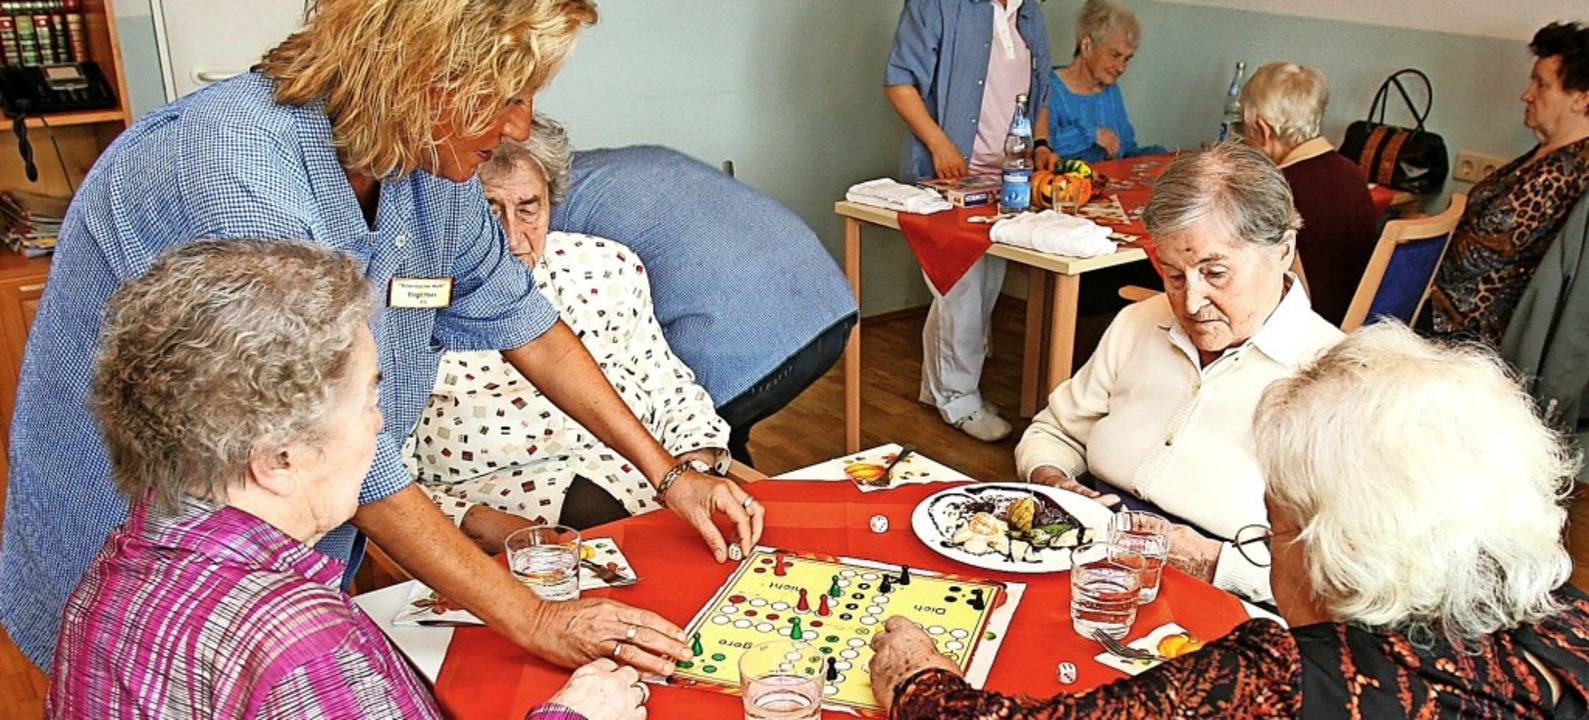 In der neuen Ortsmitte in Wieslet könn...ne Tagespflege für Senioren entstehen.    Foto: A2931 Bernd Weißbrod